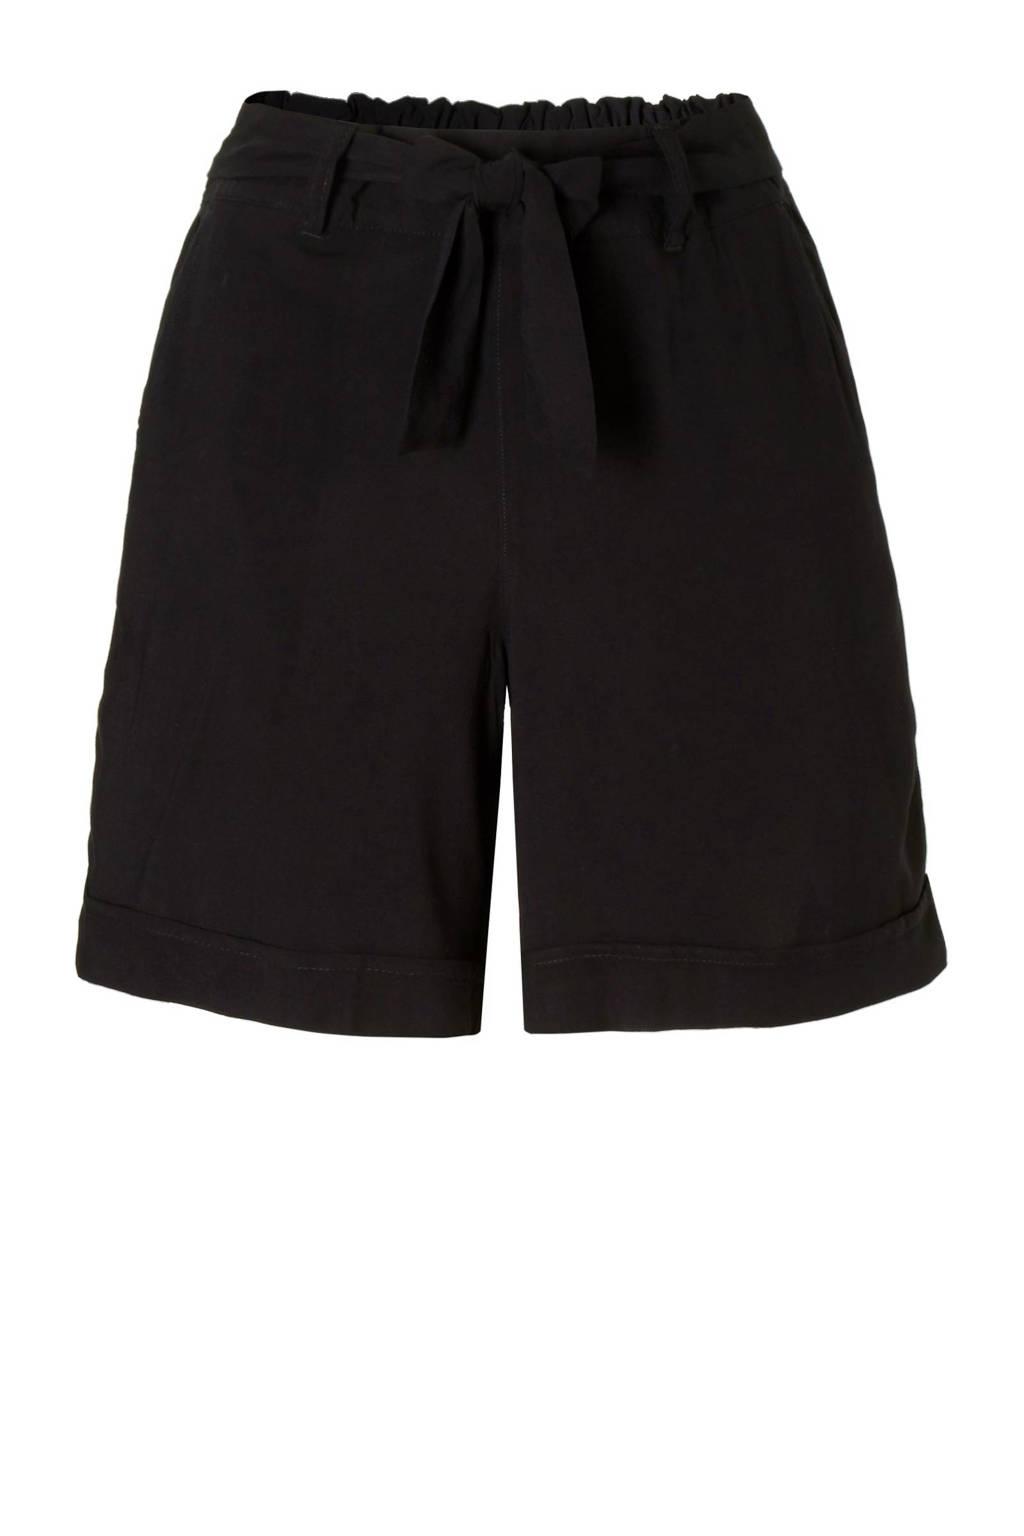 13facac27d5 C&A Yessica high waisted korte broek zwart | wehkamp